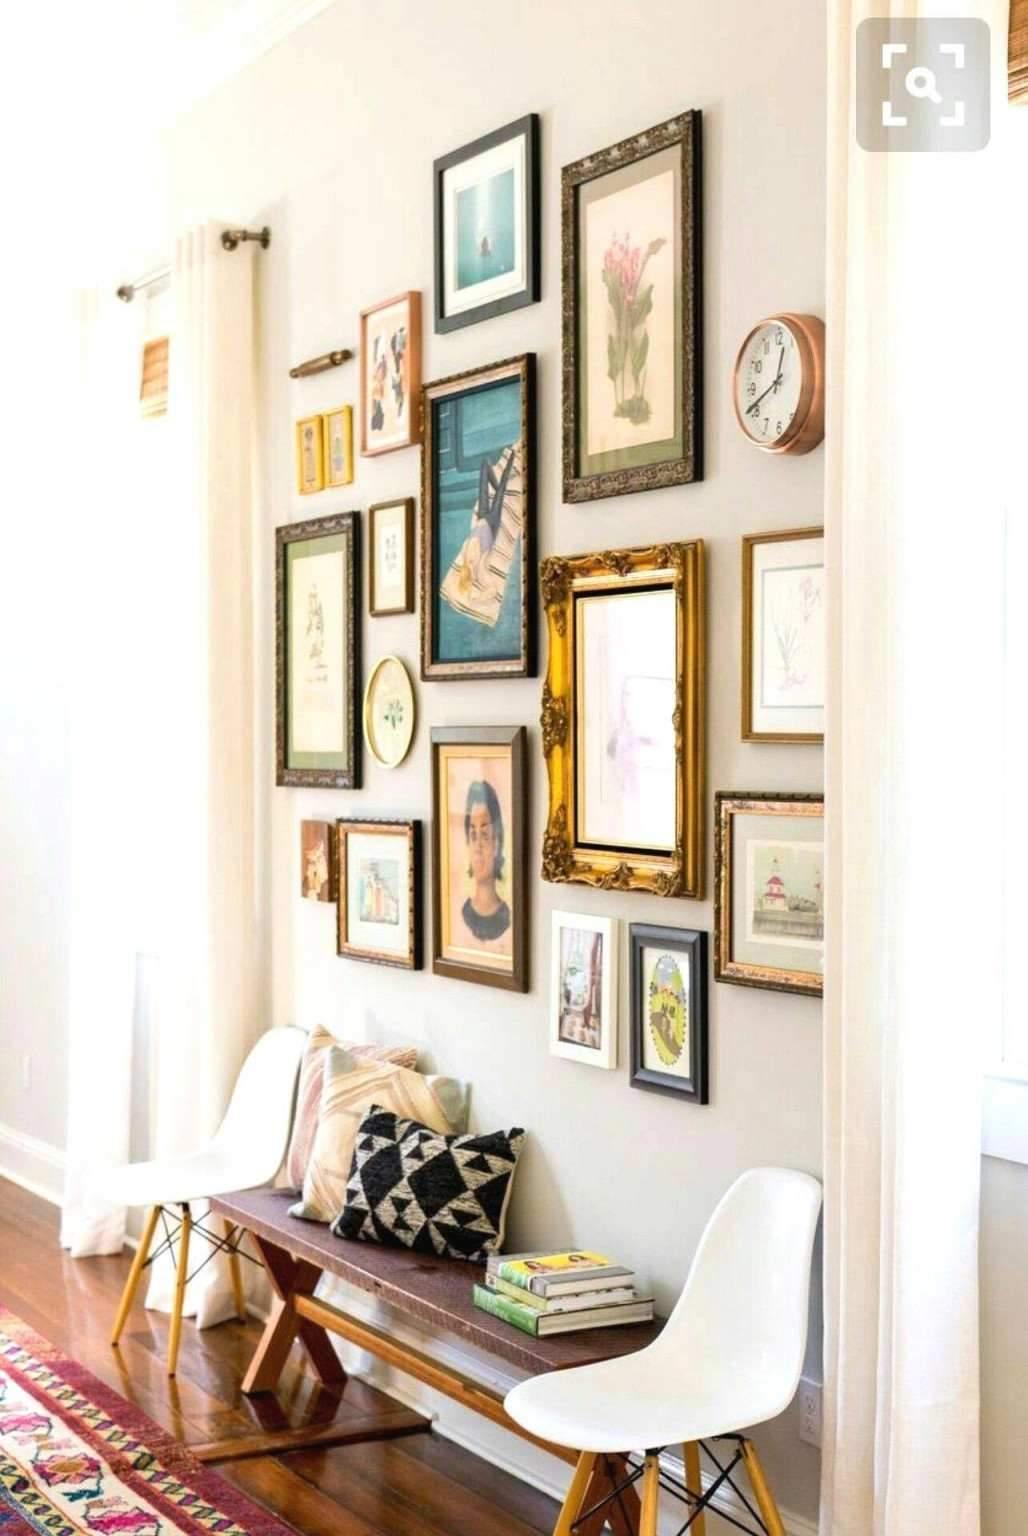 Full Size of Bilder Wohnzimmer Natur Elegant Wandpaneele 35 Moderne Glasbilder Bad Stehlampe Decken Led Lampen Deckenlampen Für Kommode Teppich Schrankwand Deckenleuchte Wohnzimmer Bilder Wohnzimmer Natur